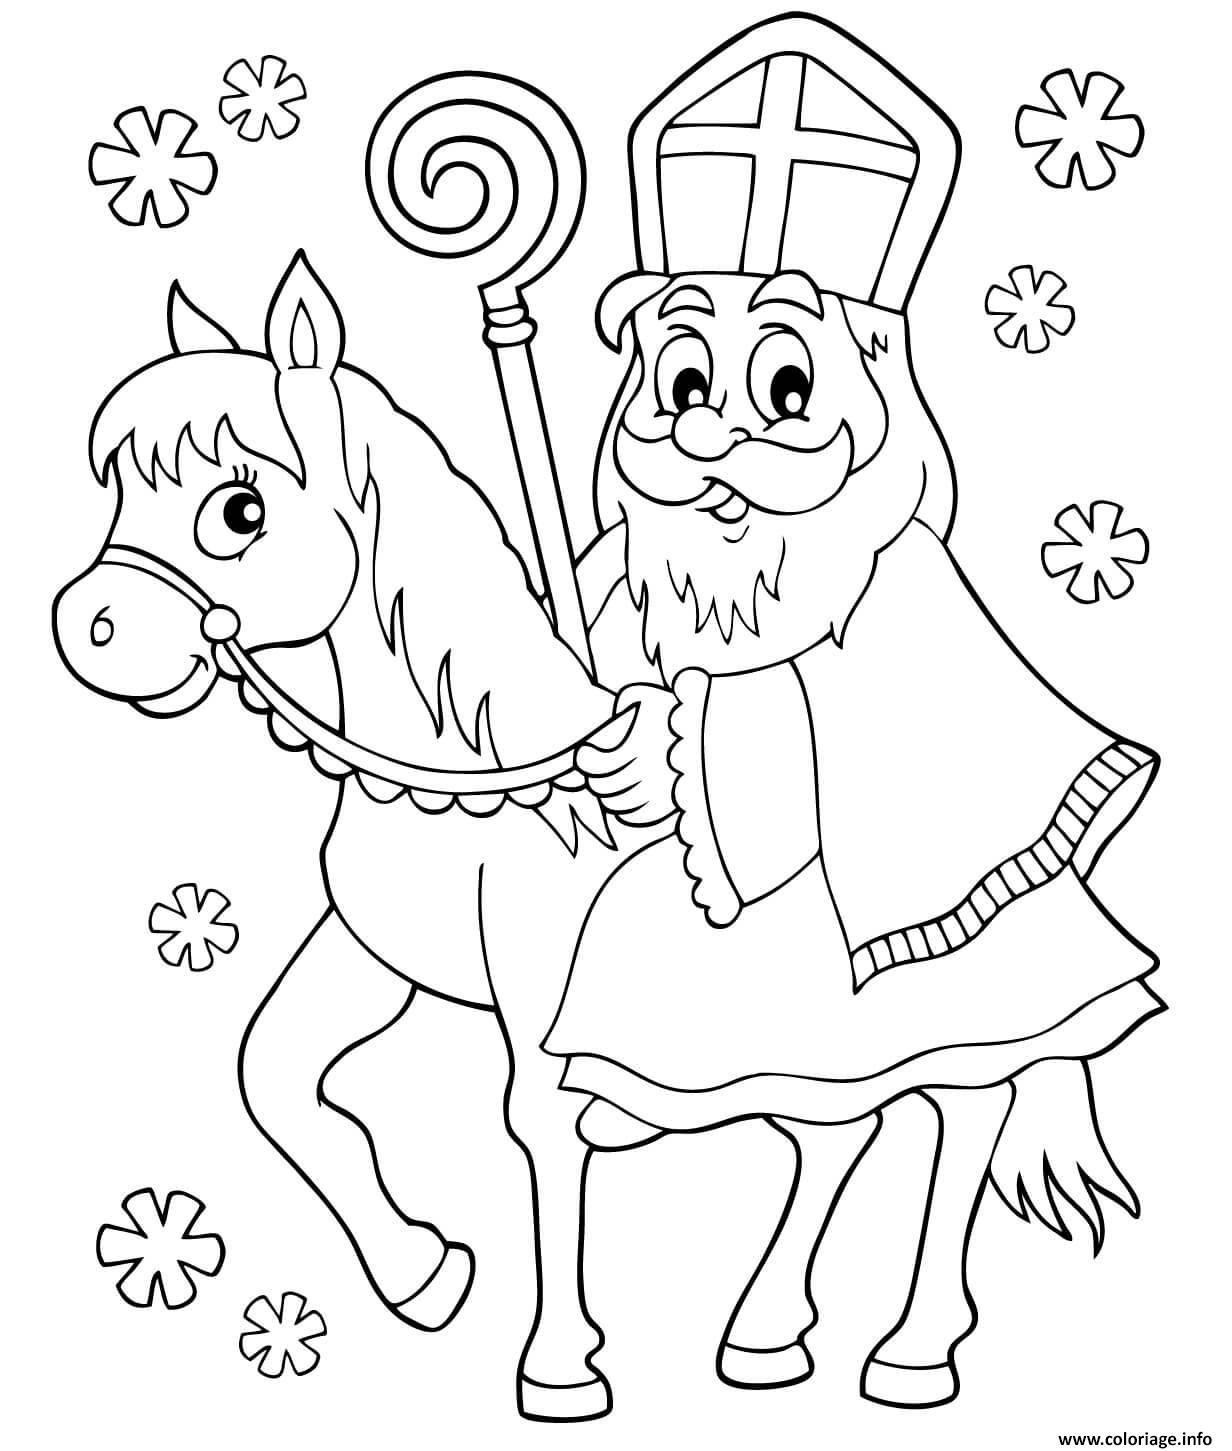 Dessin saint nicolas noel sur un le dos cheval Coloriage Gratuit à Imprimer